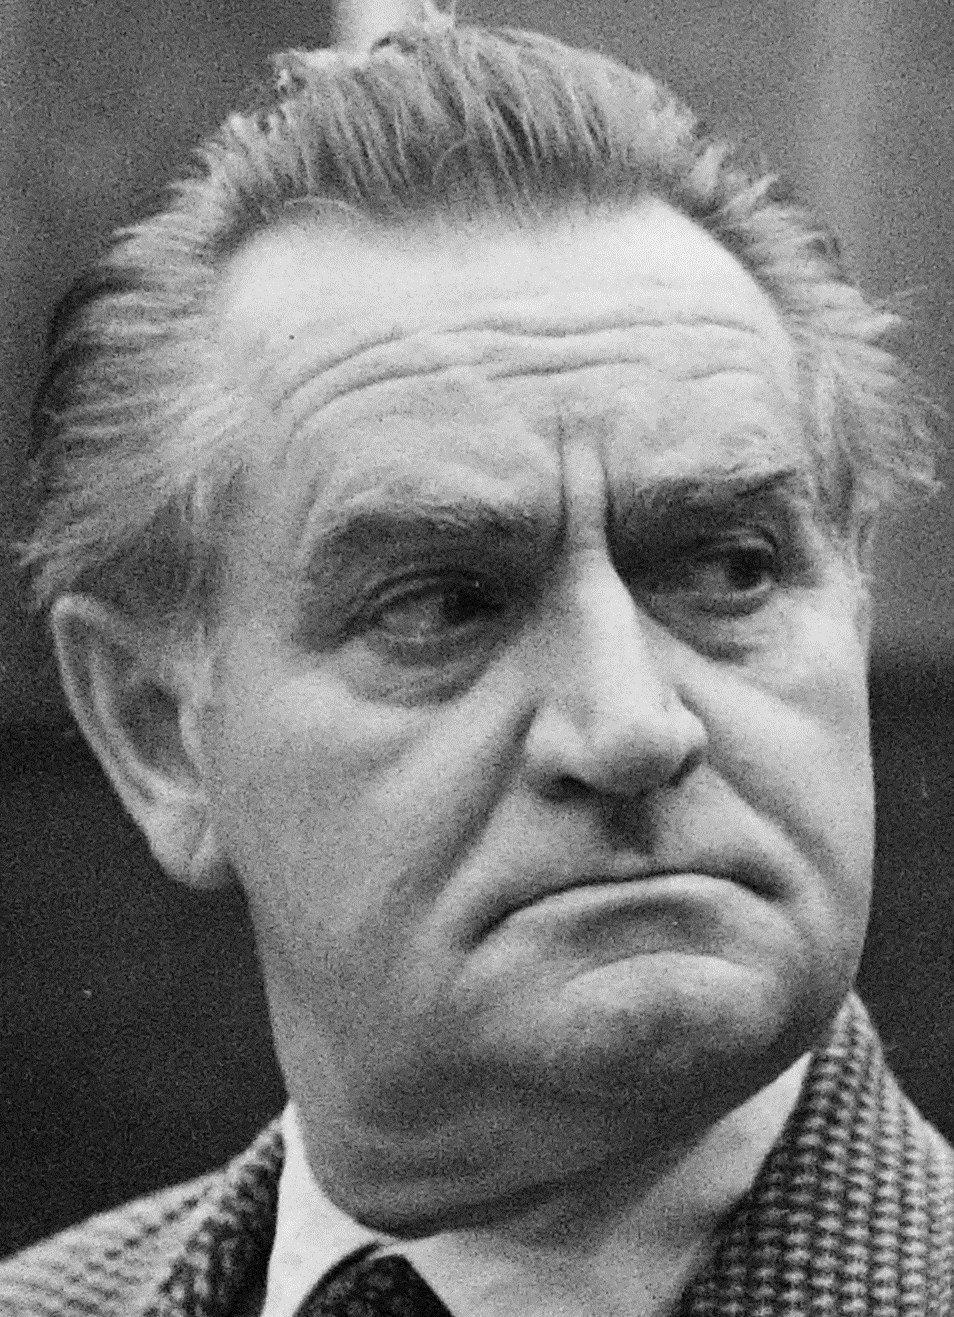 Károly Kovács